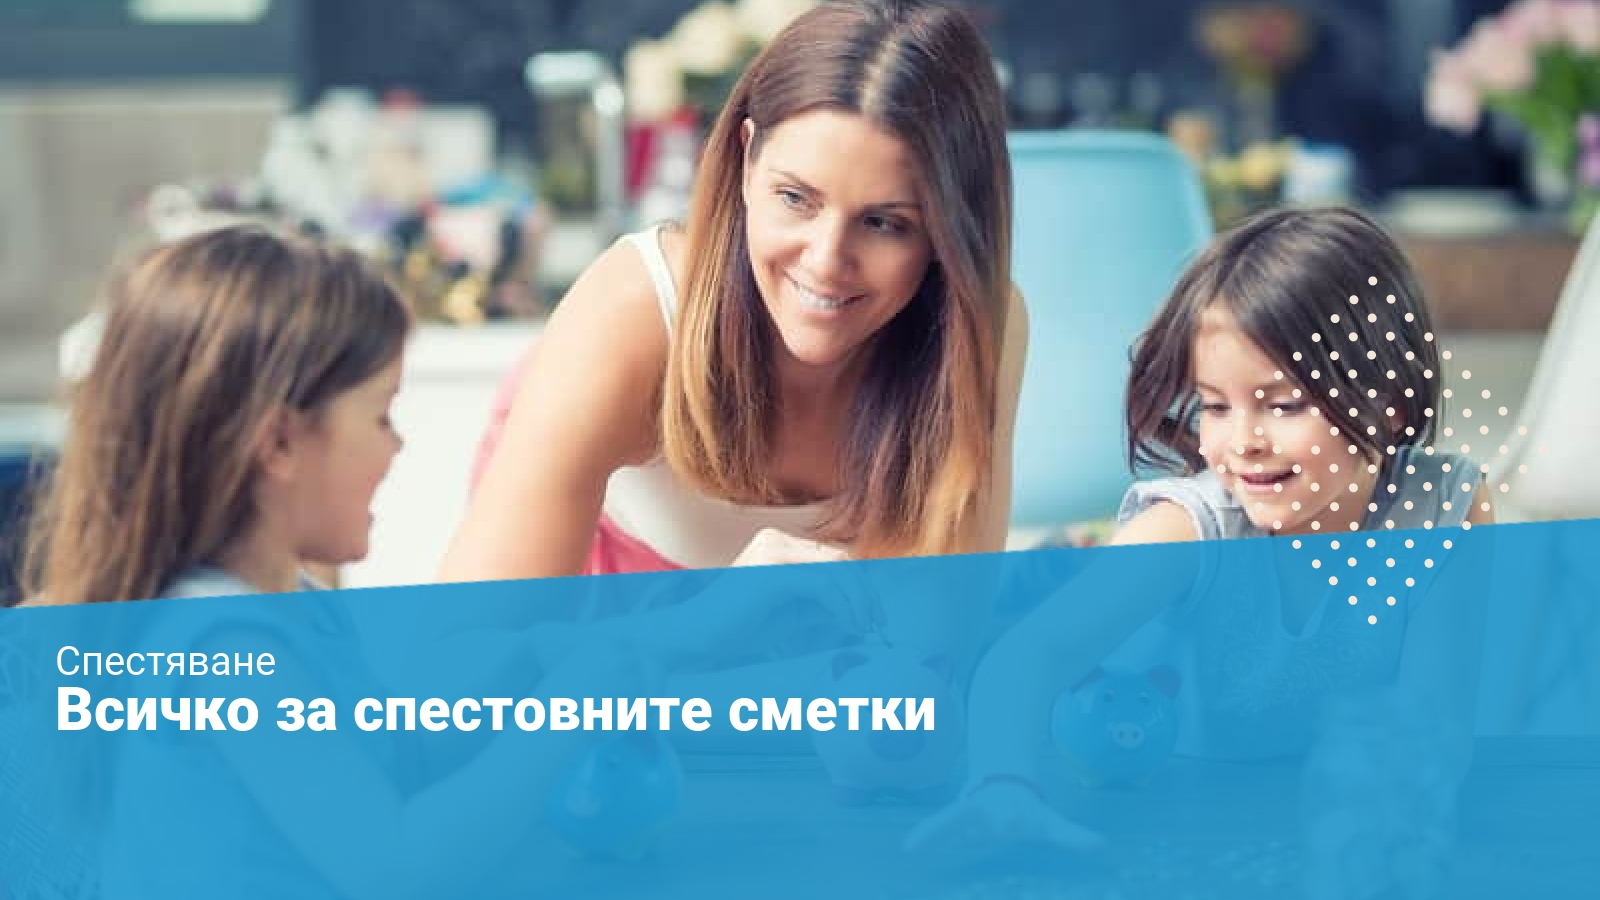 майка показва на дете за спестяването и спестовните сметки с касичка